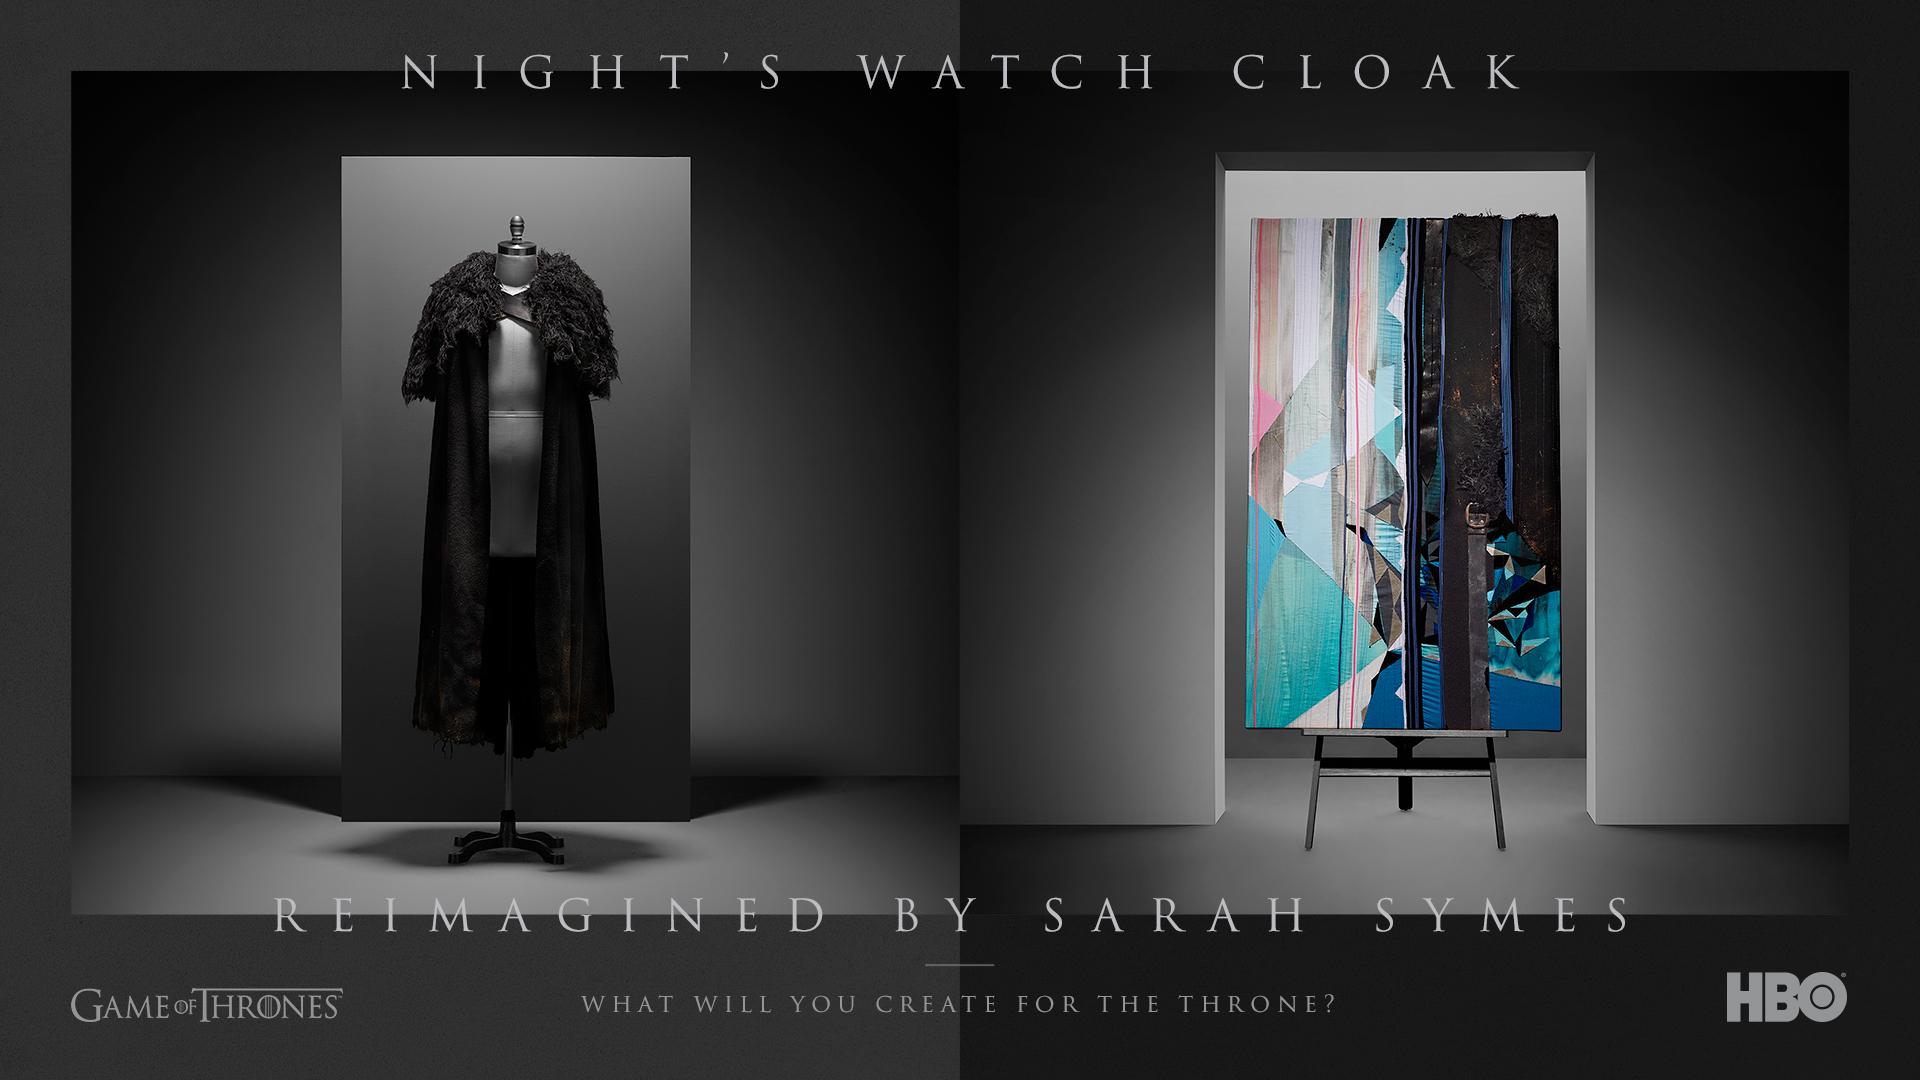 12_NOTW_Nights_Watch_Cloak_Sarah_Symes.jpg